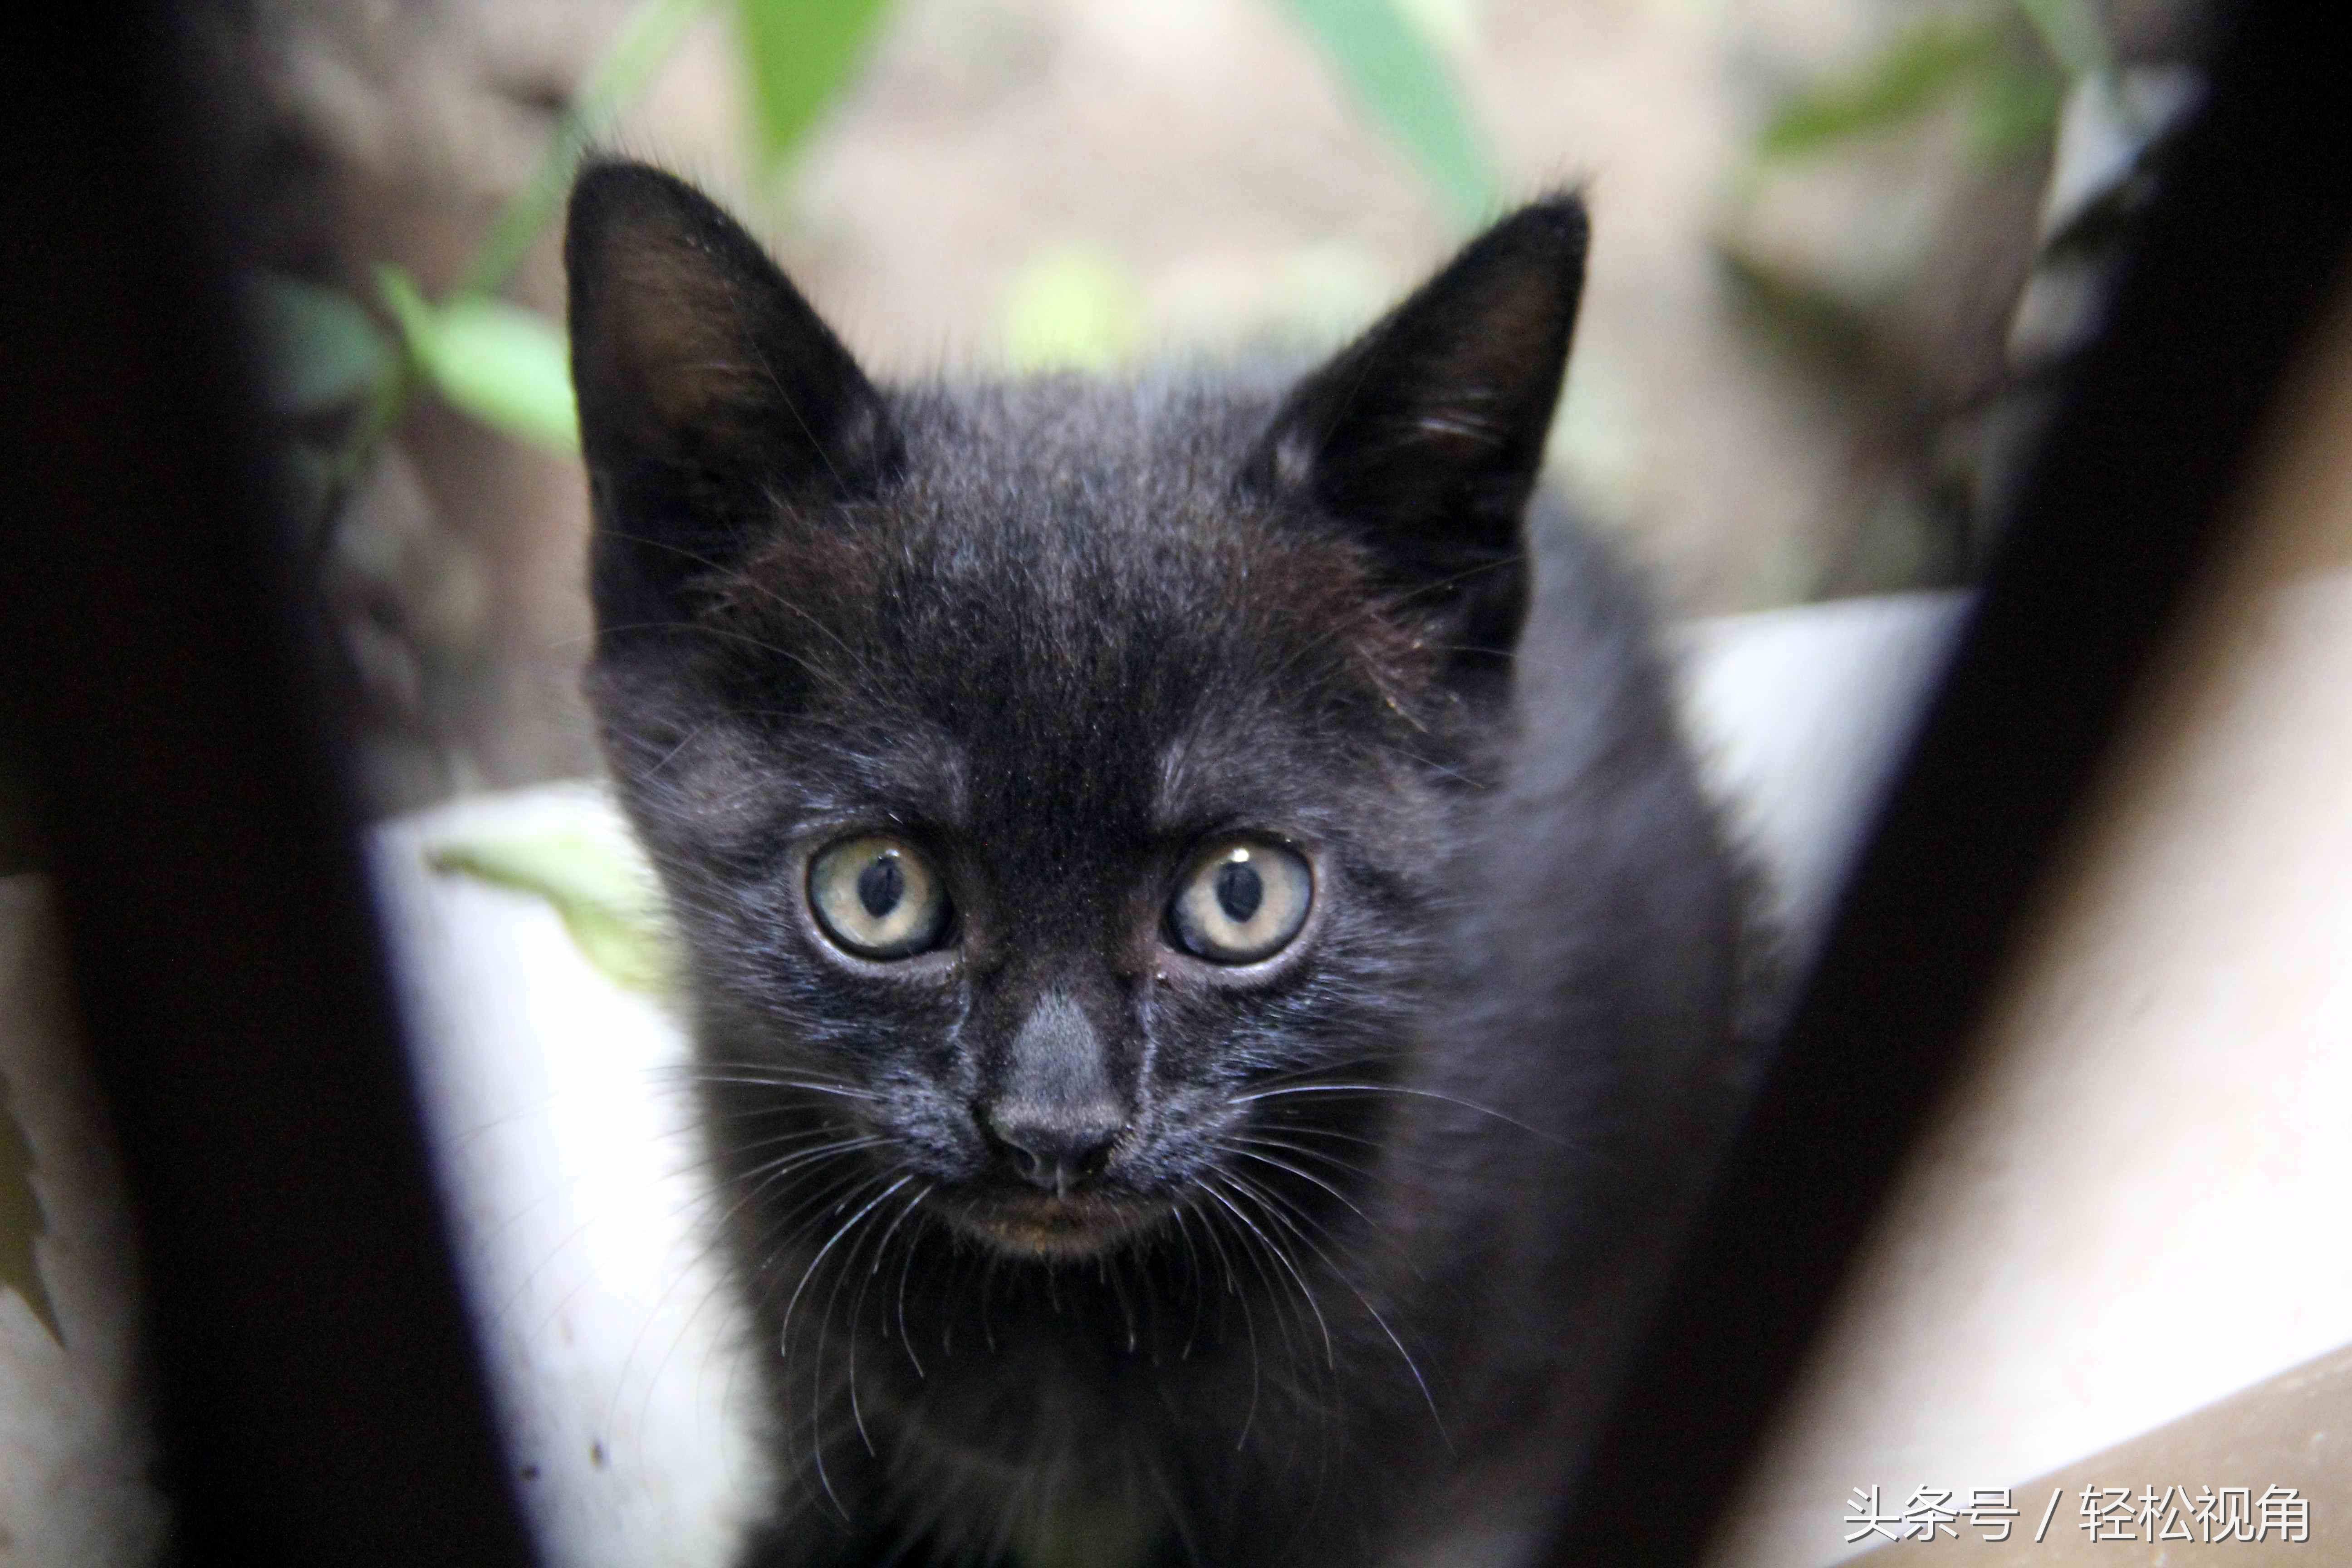 摄影师用一年时间拍摄一只流浪黑猫和它的孩子们,当妈妈它很称职